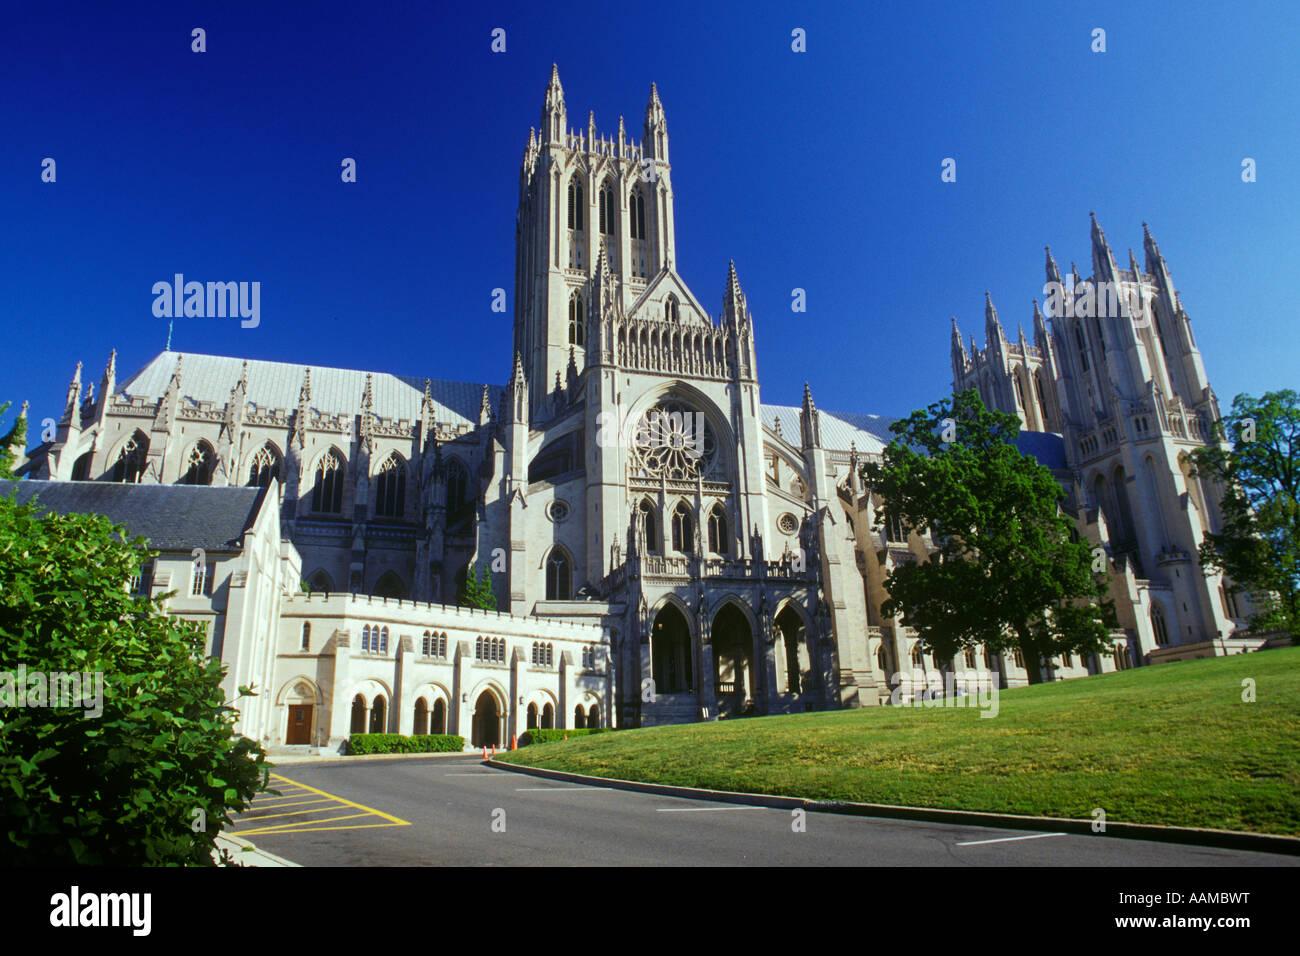 WASHINGTON DC WASHINGTON NATIONAL CATHEDRAL Photo Stock